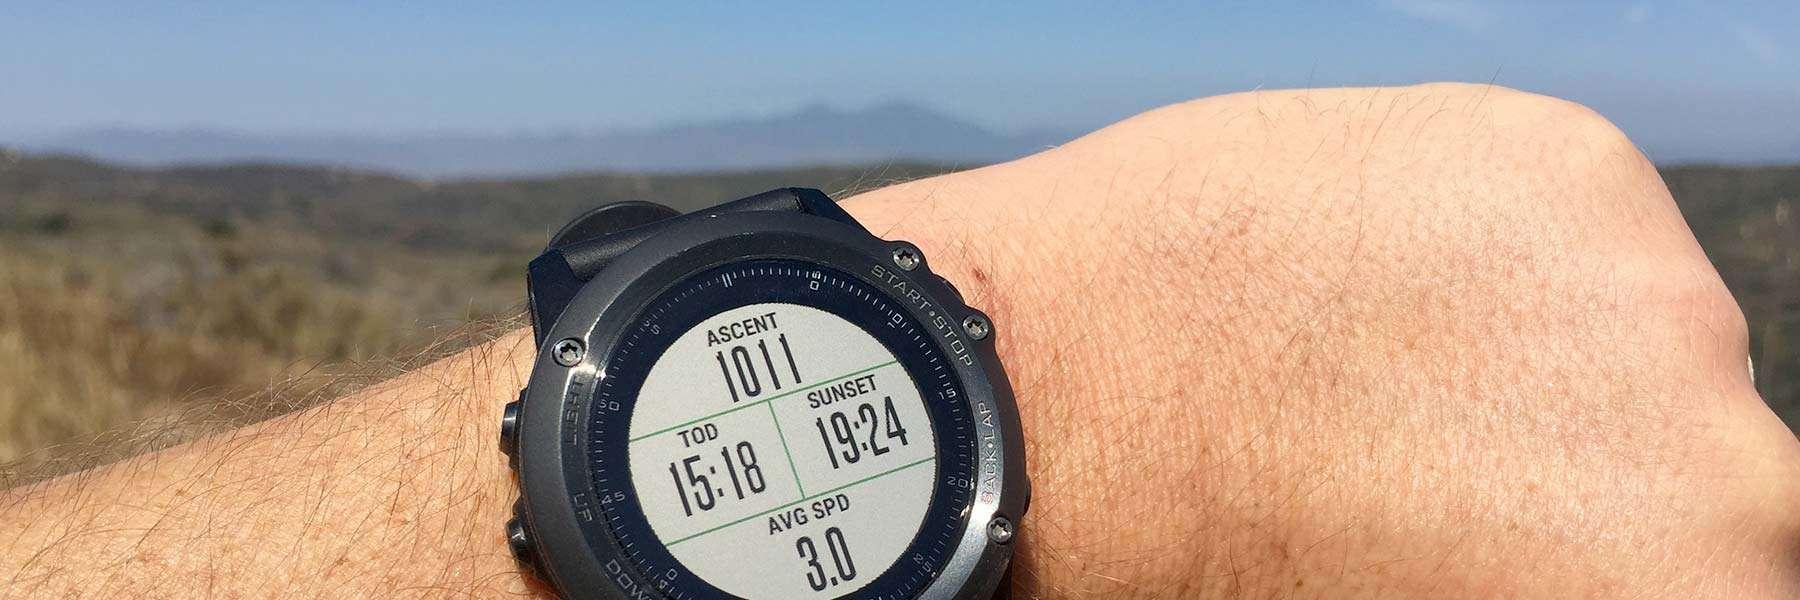 hiking with garmin fenix 3 gps